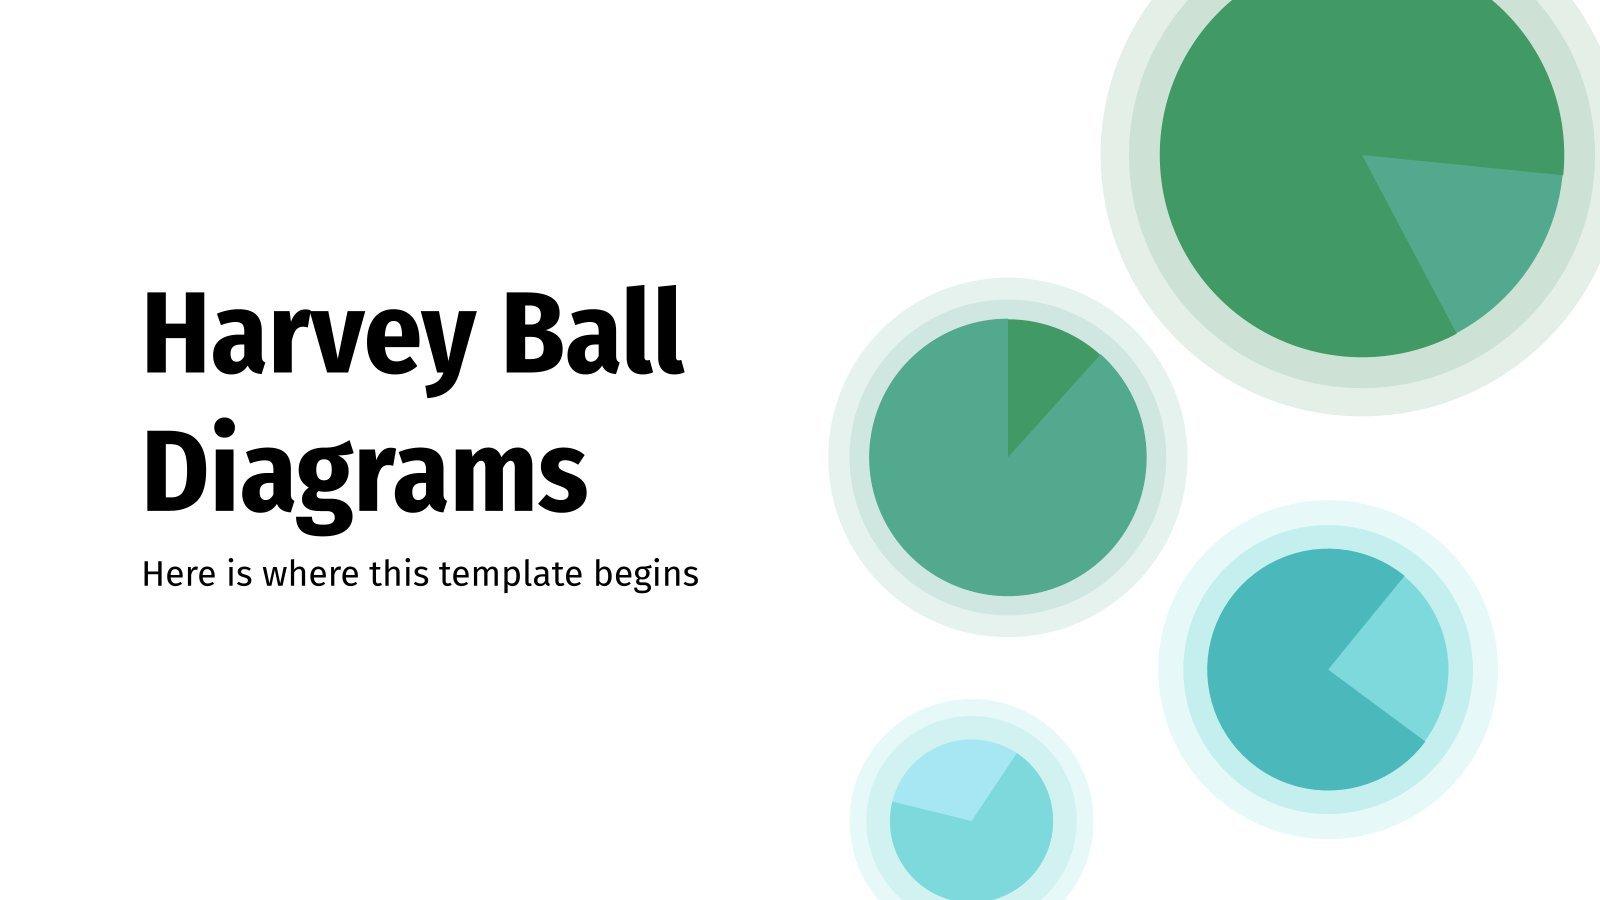 Diagrammes de Harvey Ball : Modèles de présentation